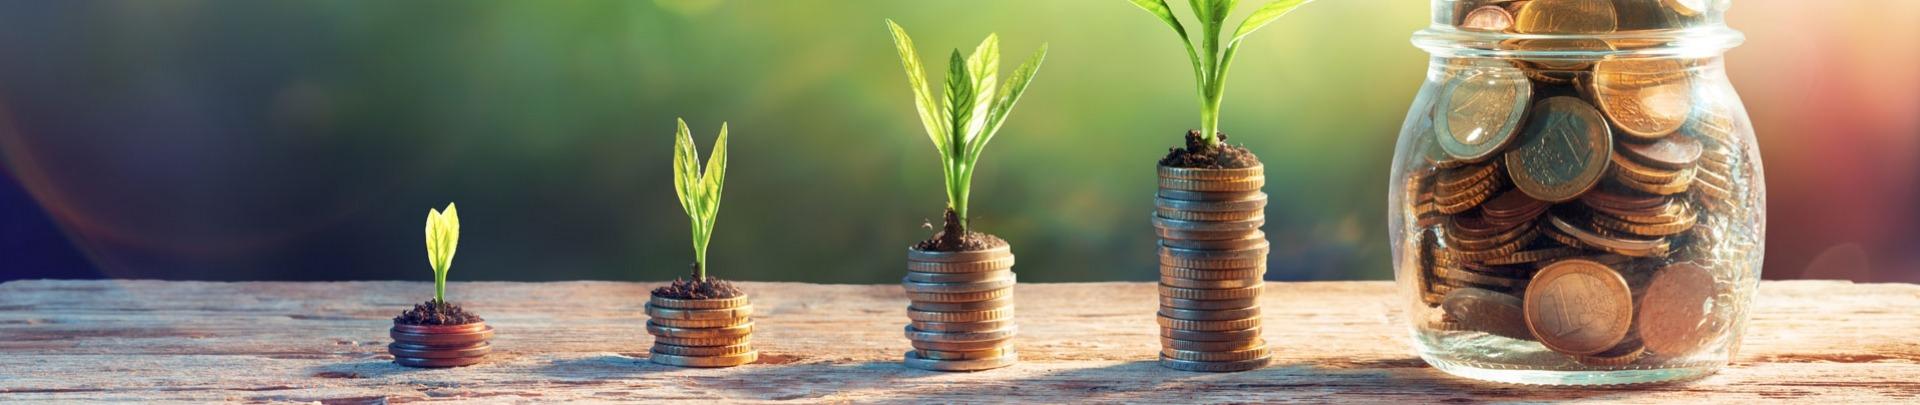 plantjes die groeien op stapeltjes geld en de stapels worden steeds groter